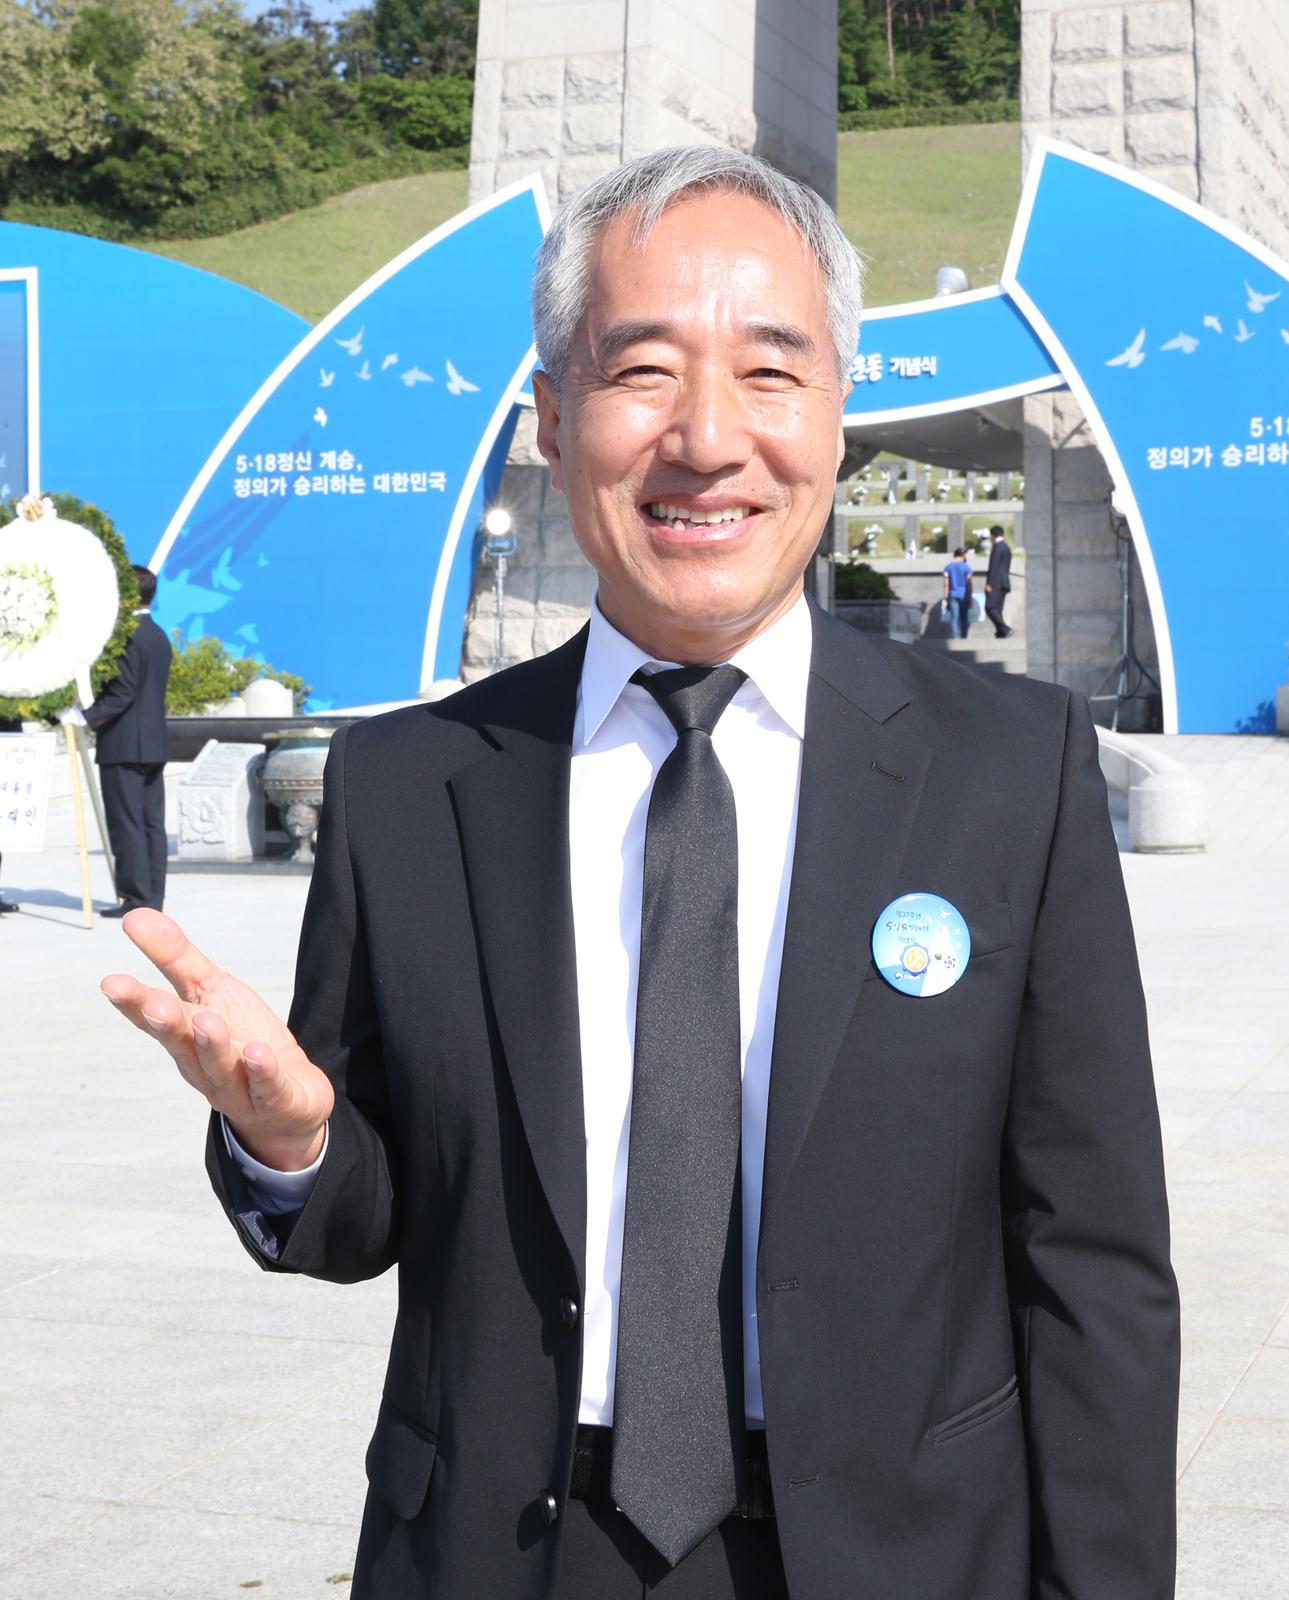 김종률 광주문화재단 사무처장이 18일 국립 5·18민주묘지에서 '임을 위한 행진곡' 제창에 대한 소회를 밝히고 있다. [중앙포토]